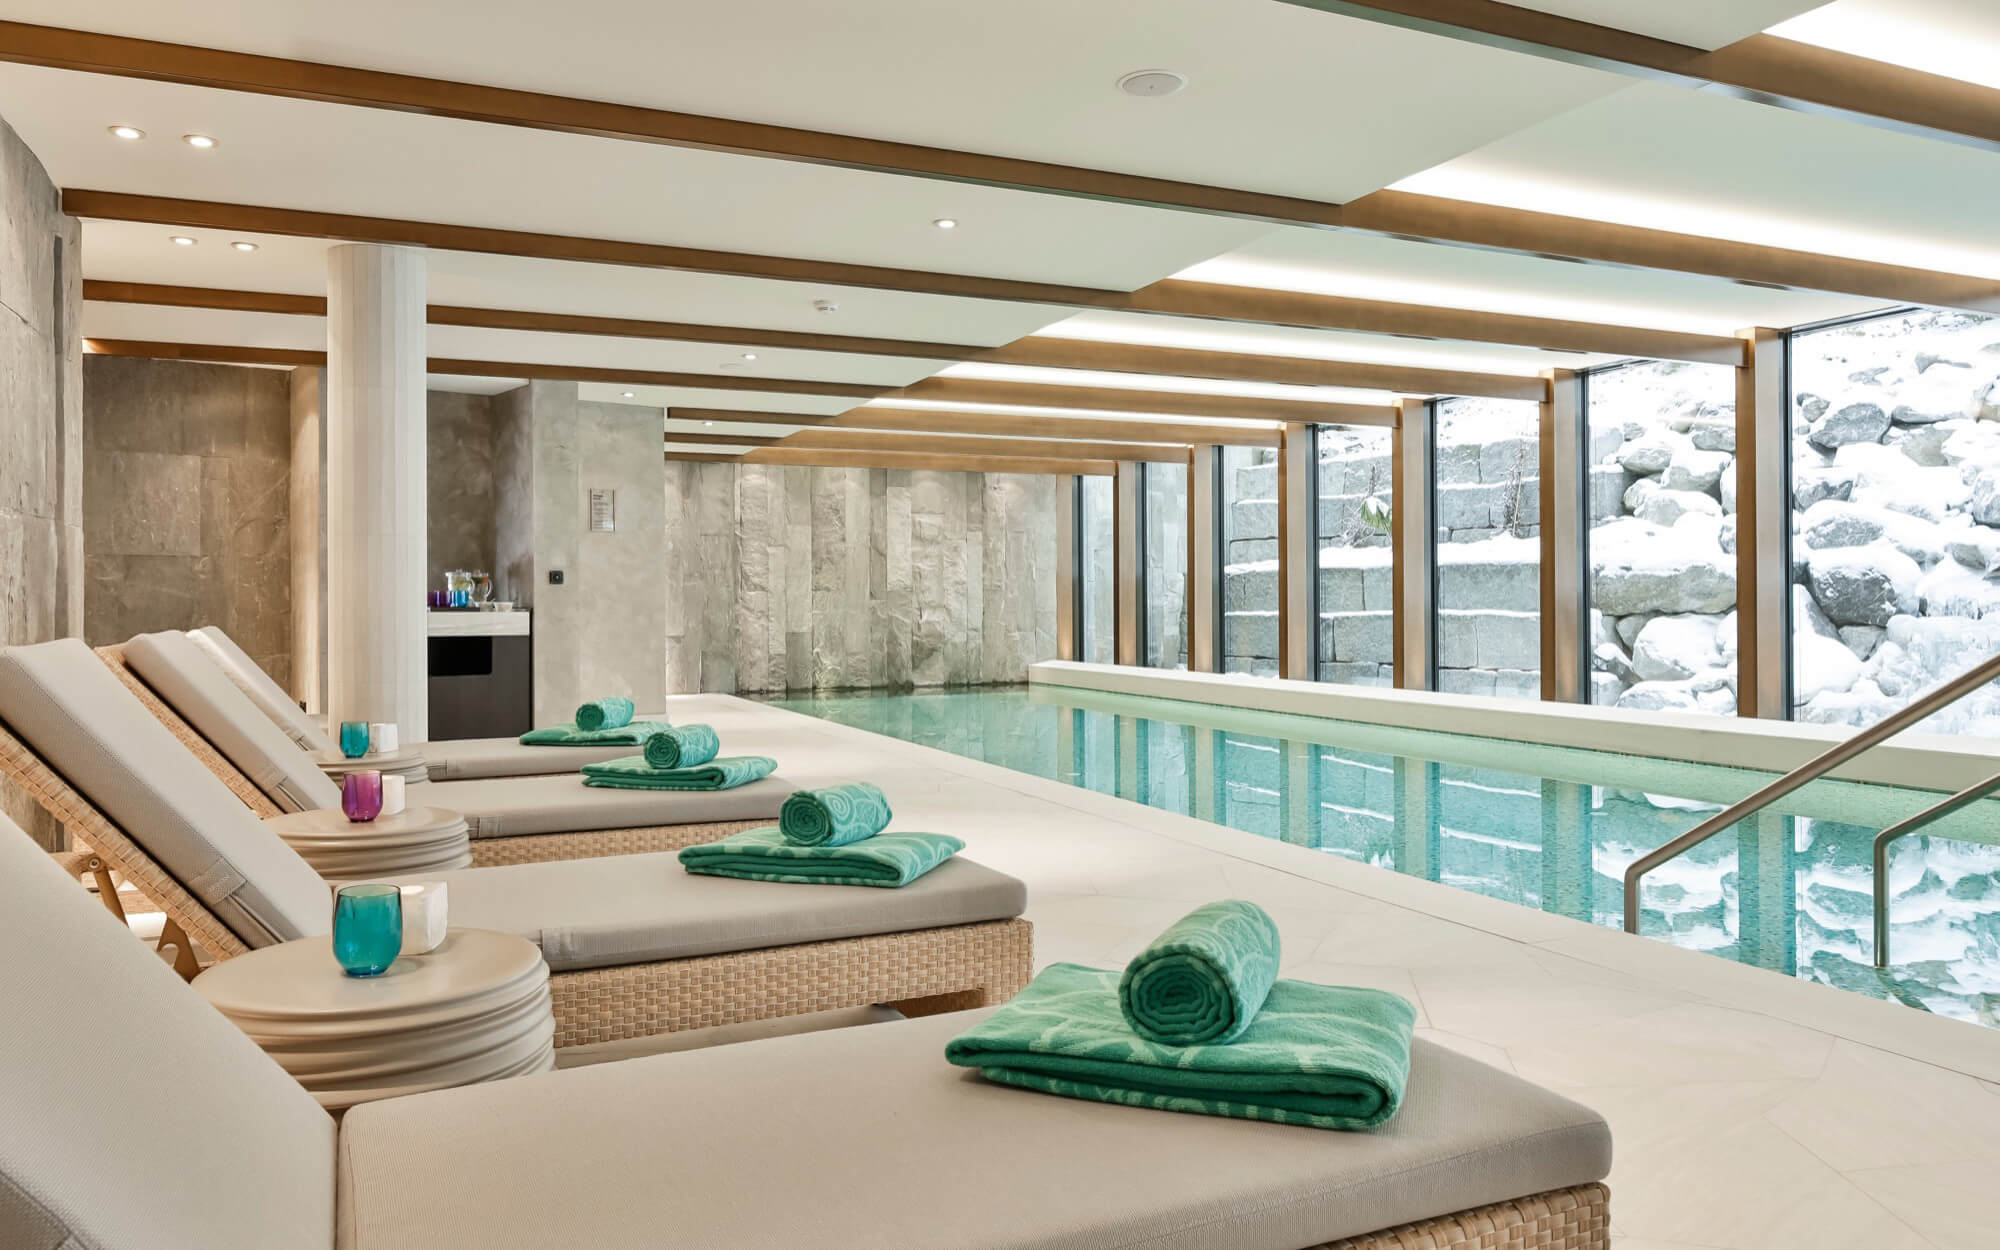 Pool-dipiù-Spa-Atlantis-by-Giardino-e1457685615657